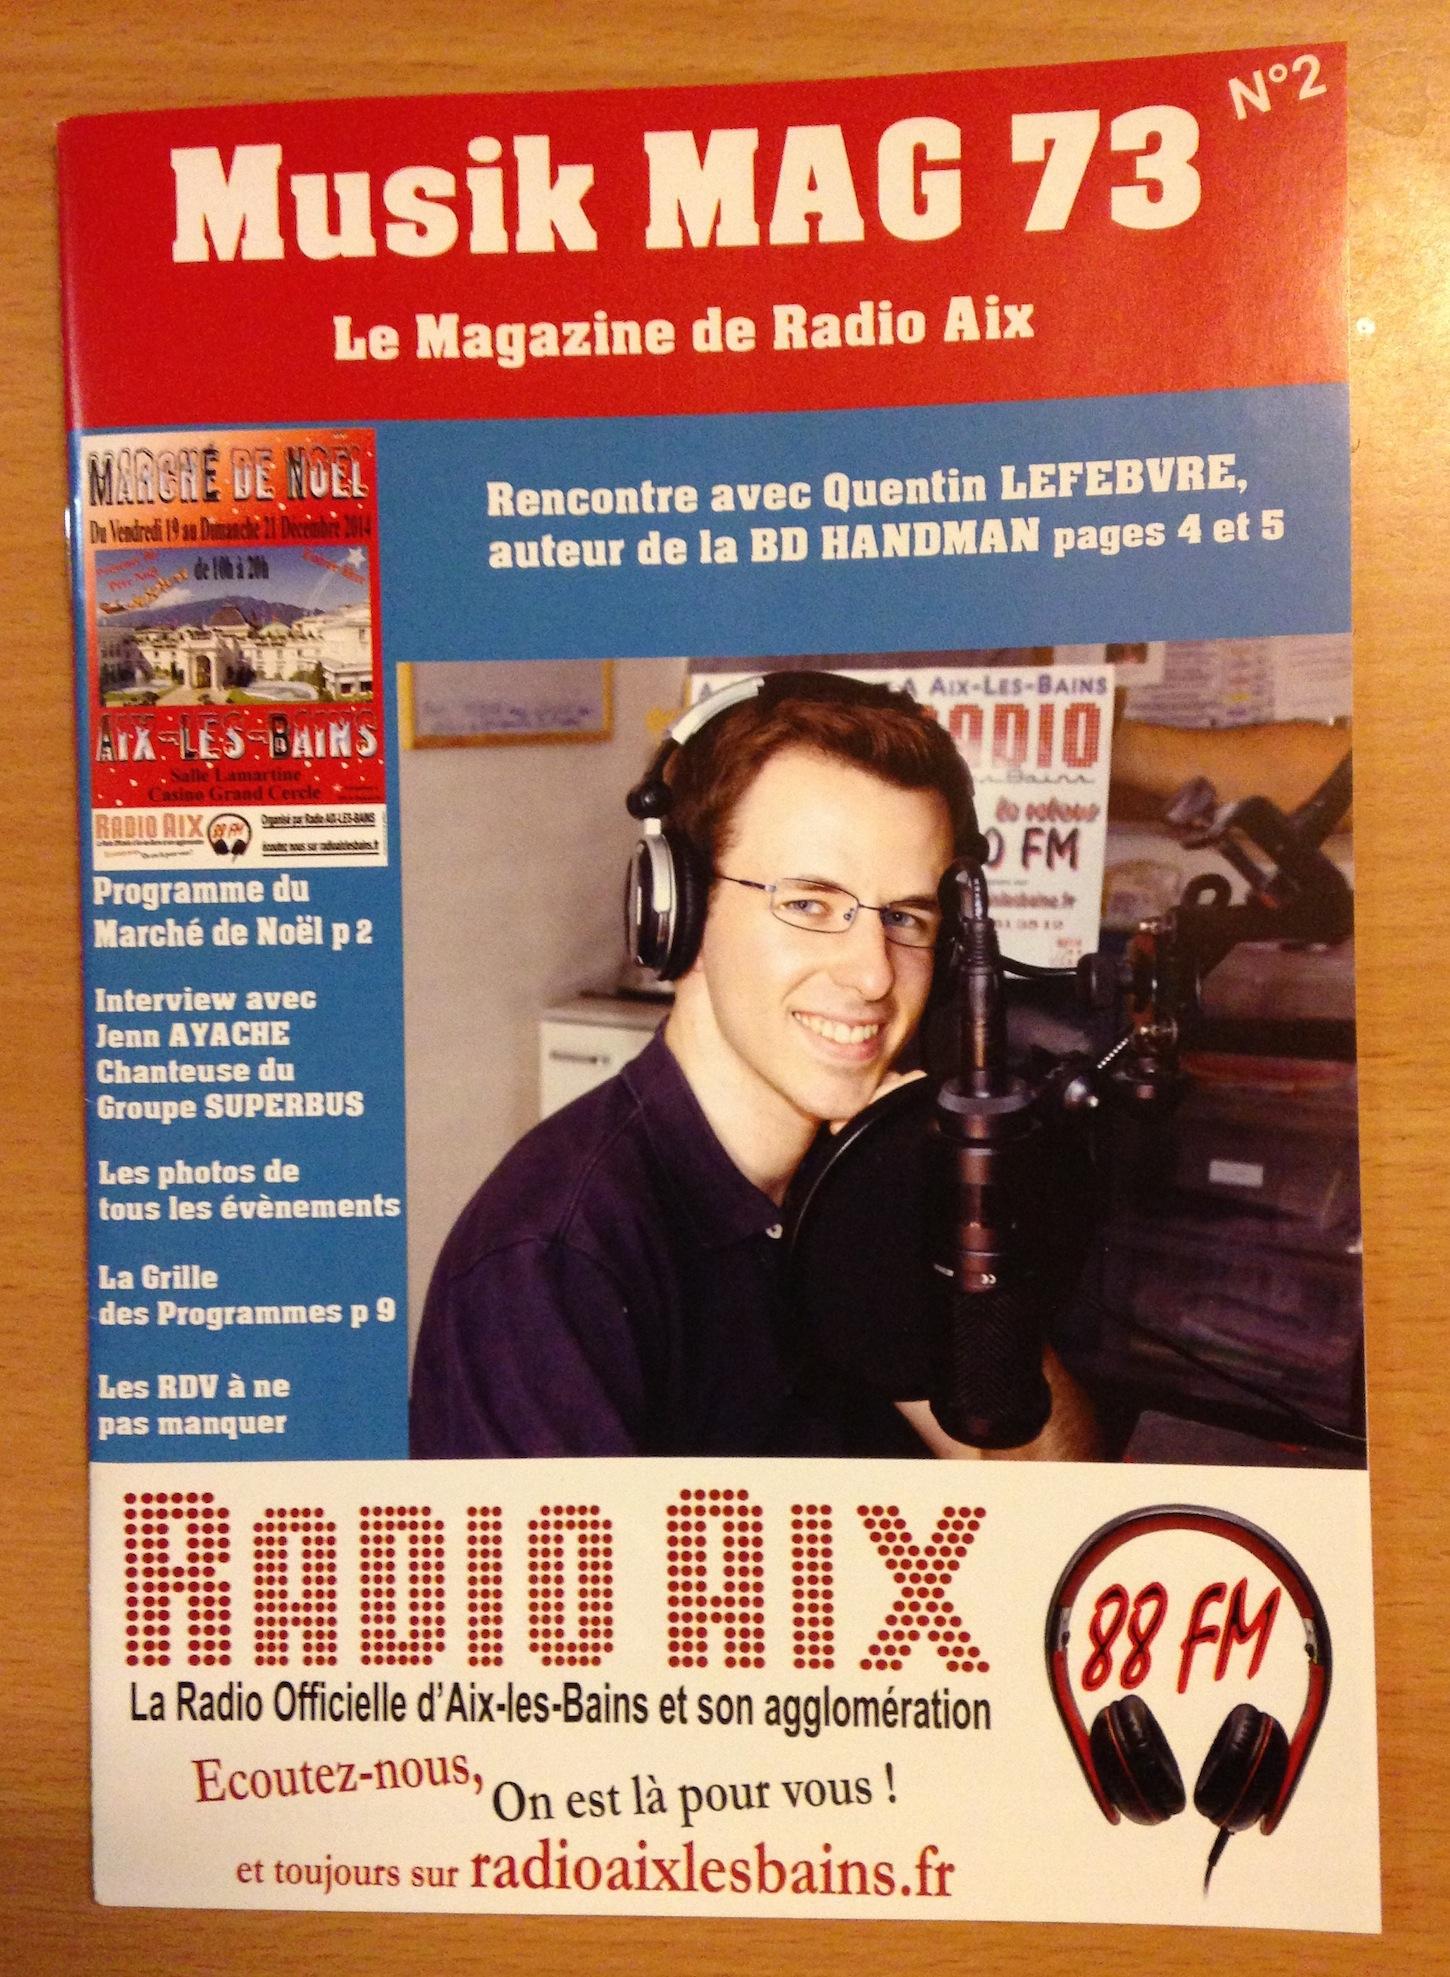 couverture de musik mag 73 - quentin lefebvre et handman